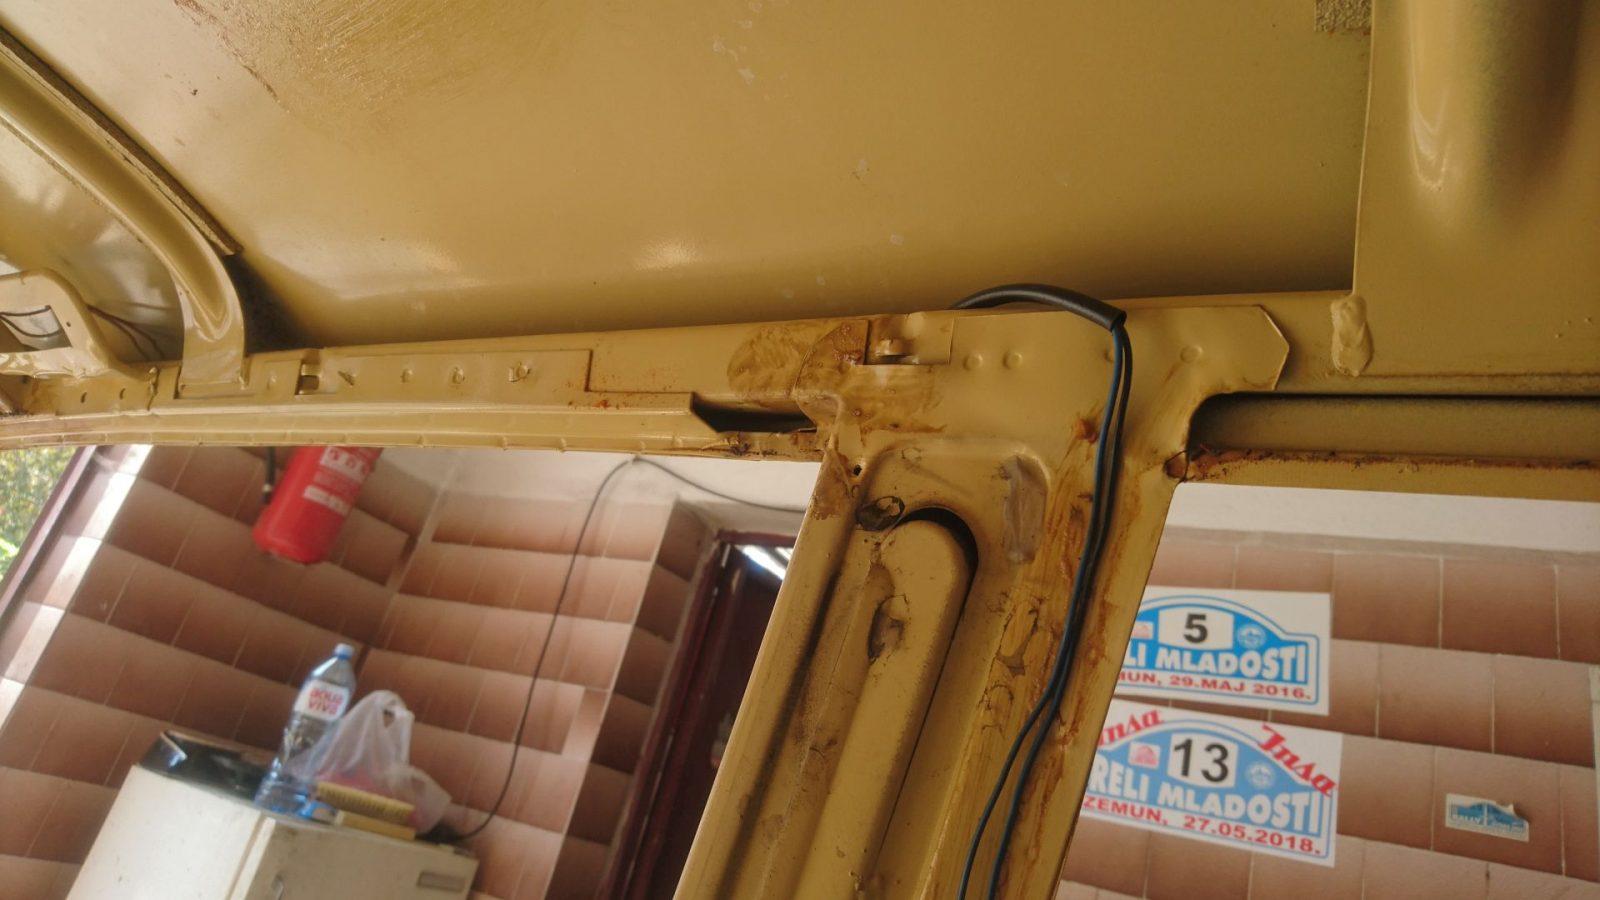 Lage der Kabel zum Tankfüllstandsensor links entlang der C-Säule.